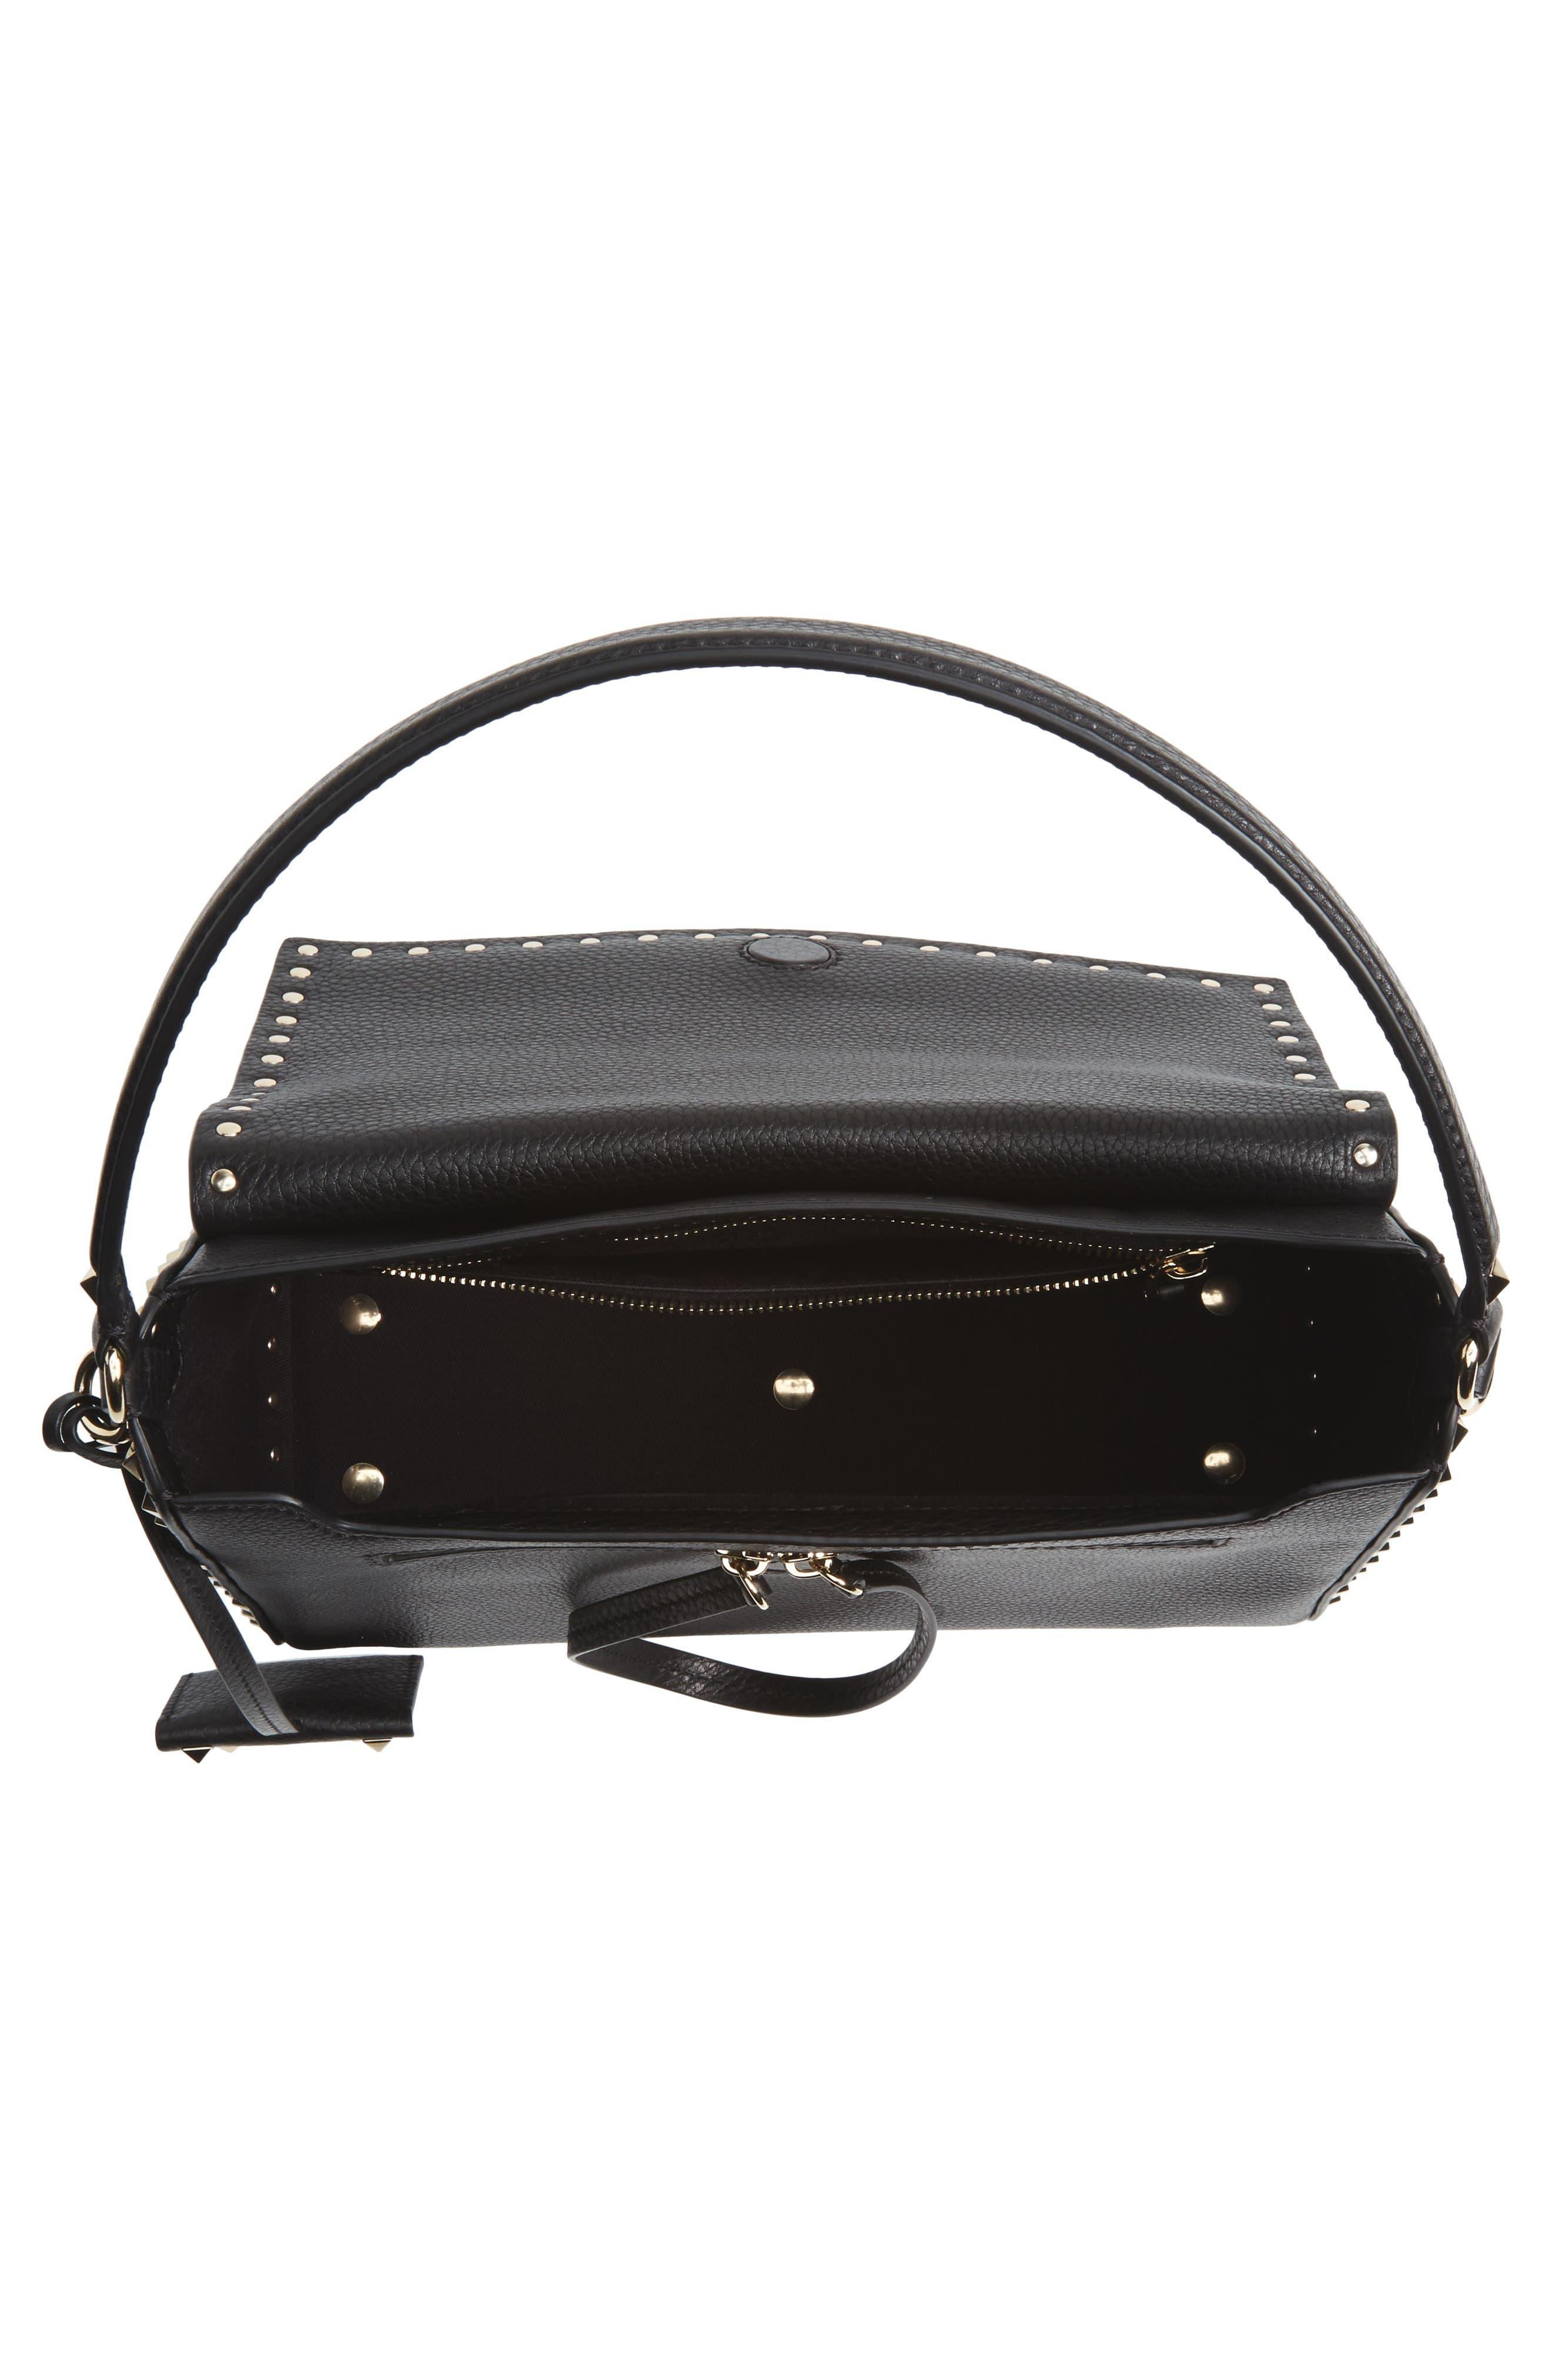 Medium Rockstud Leather Shoulder Bag,                             Alternate thumbnail 4, color,                             001